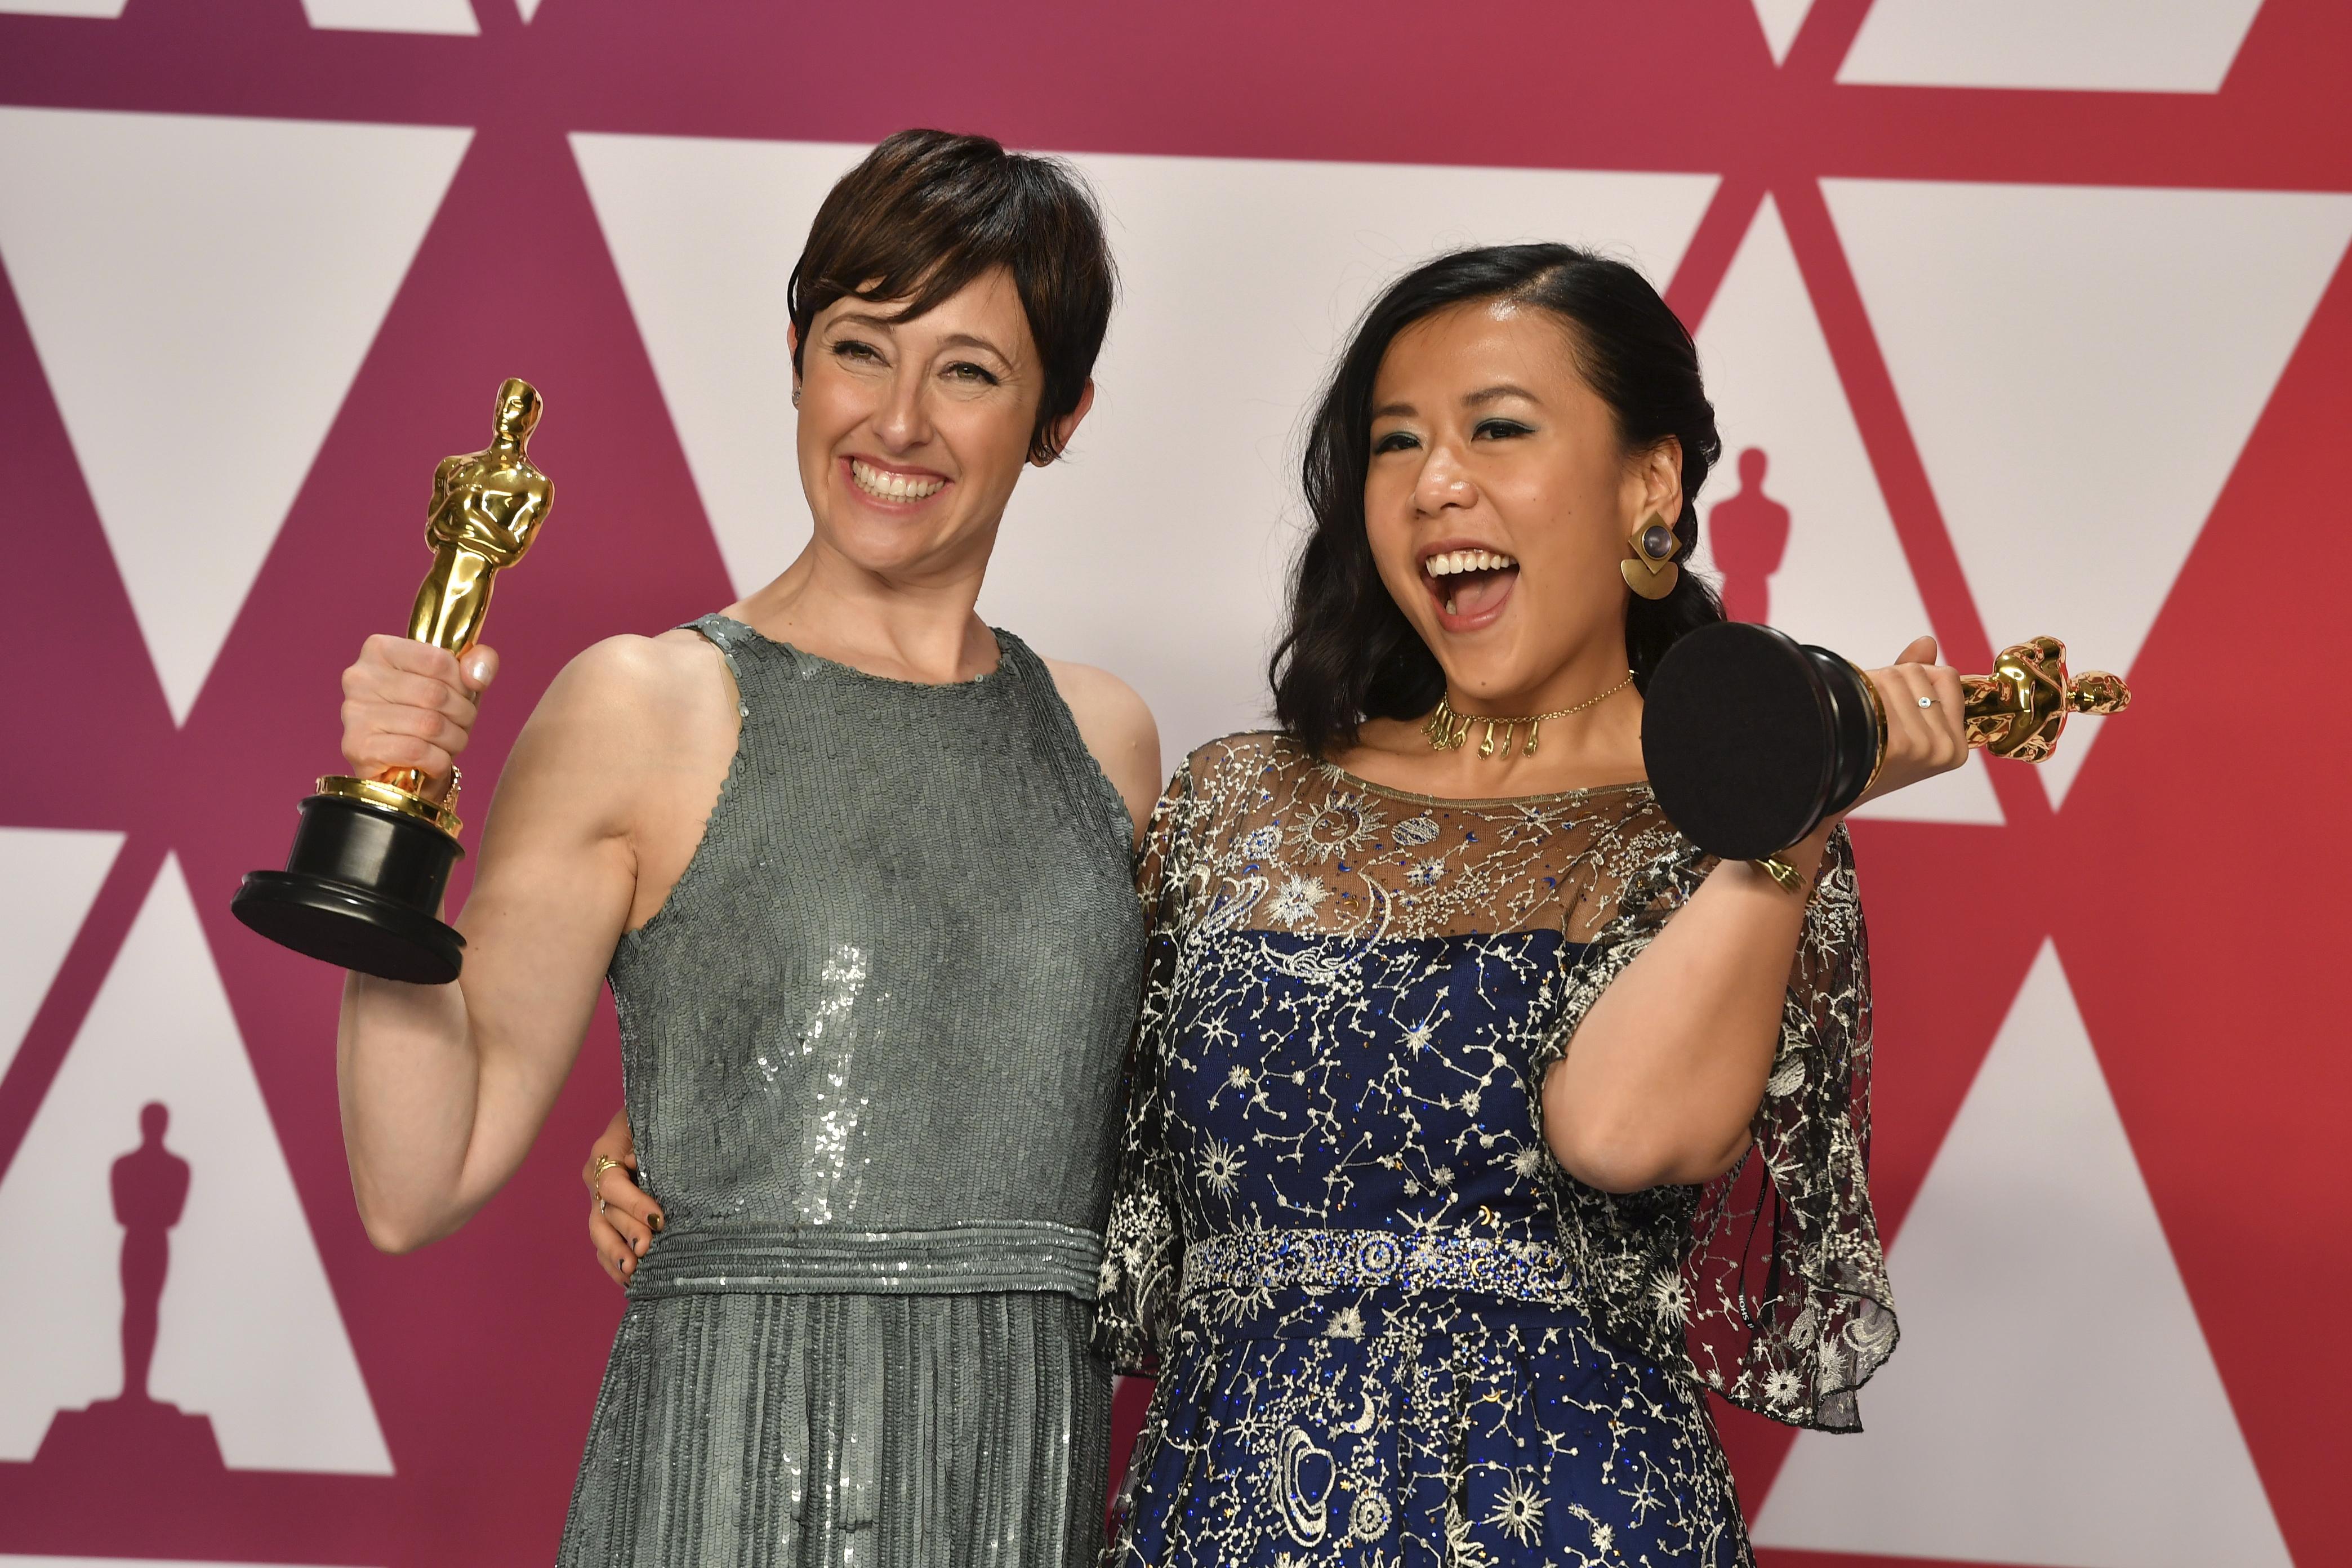 加華裔女導演動畫短片《包寶寶》獲奧斯卡獎